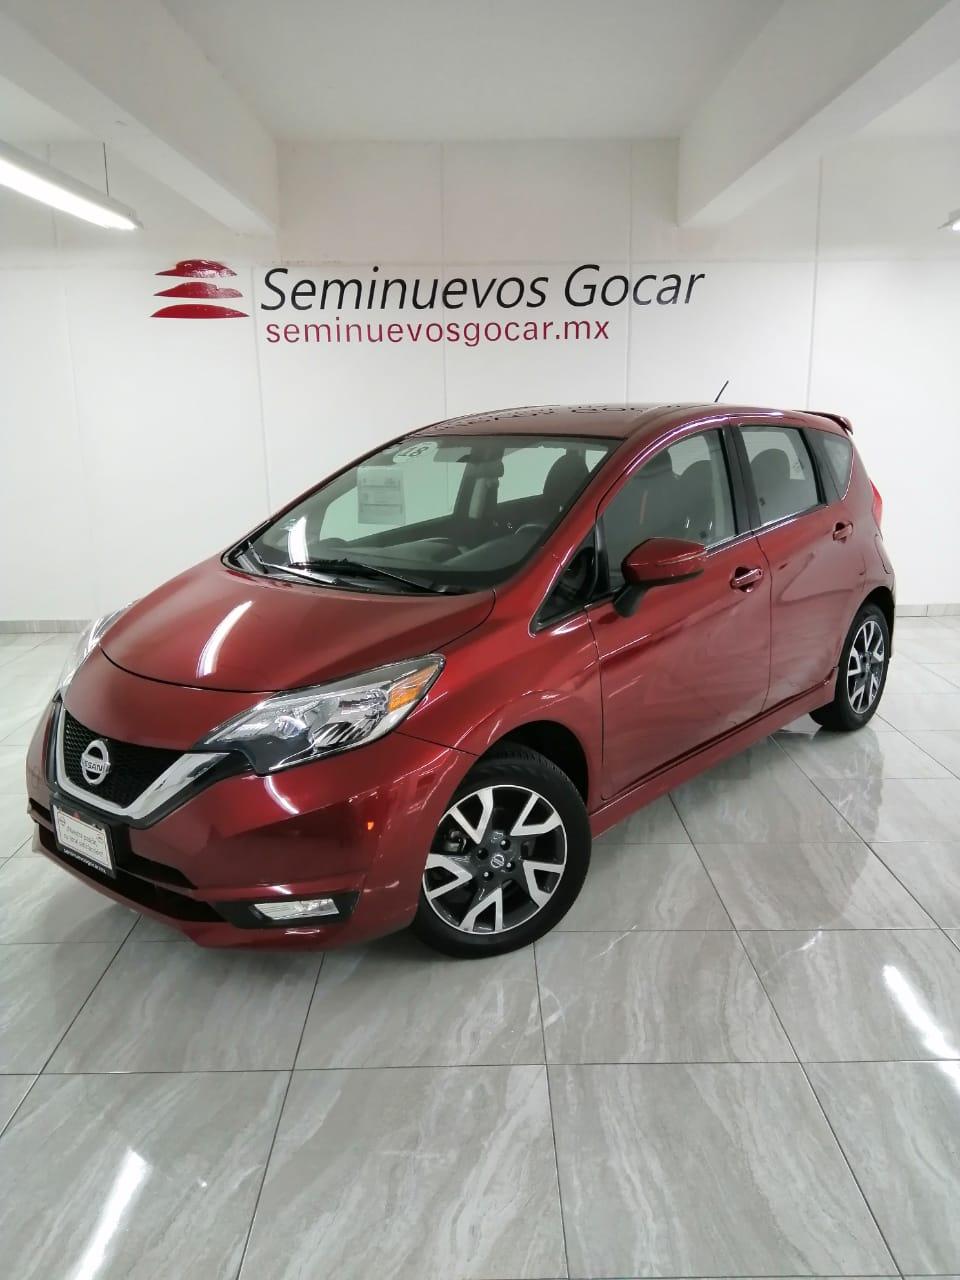 Nissan Note SR - GocarCredit